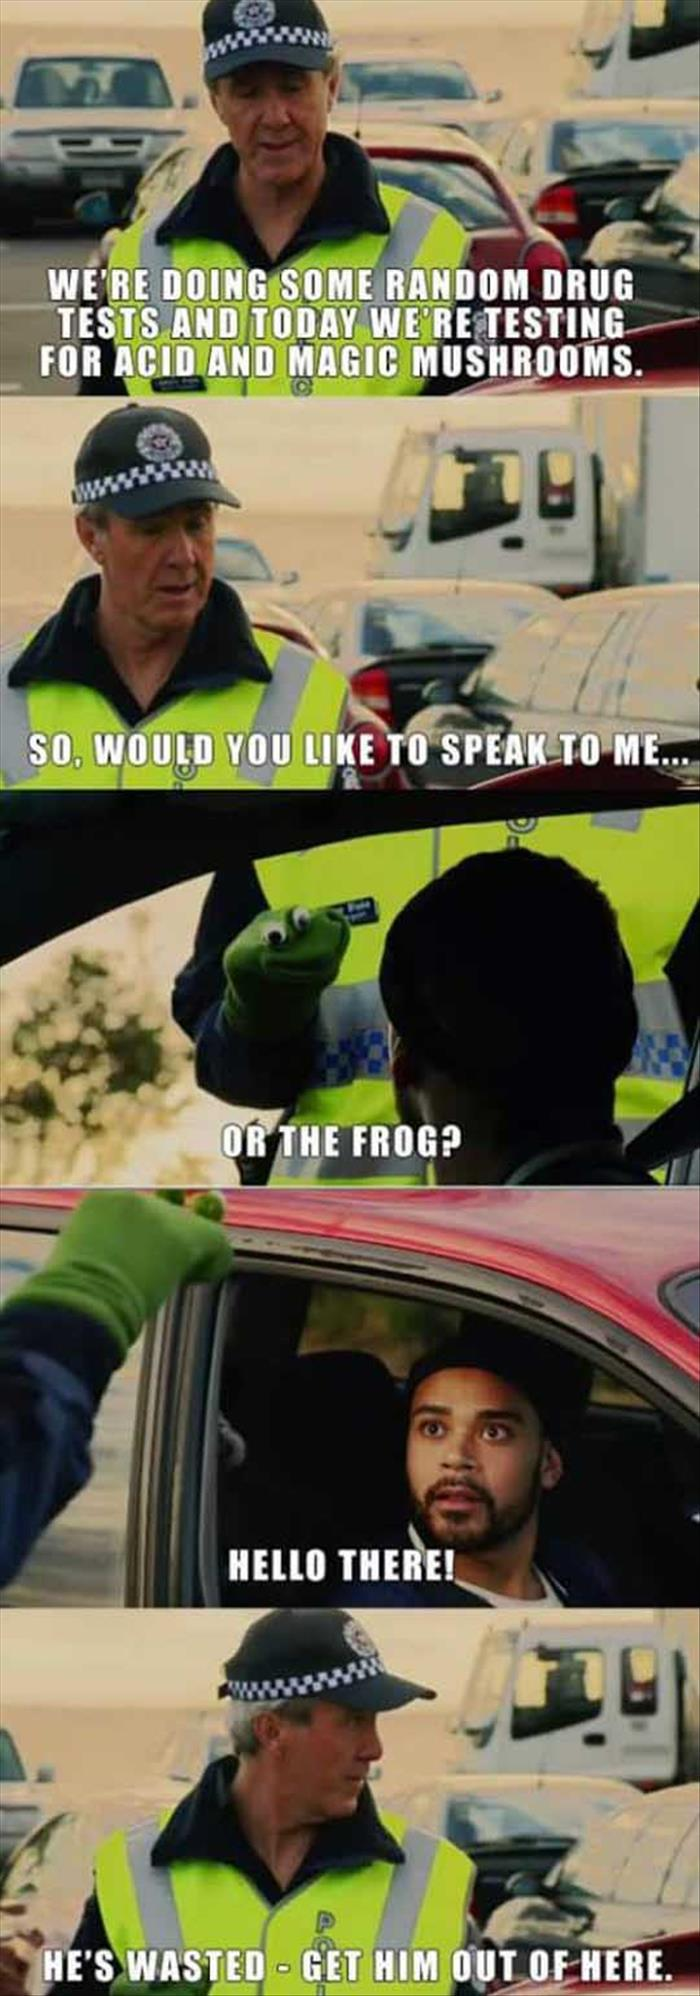 the funny drug test